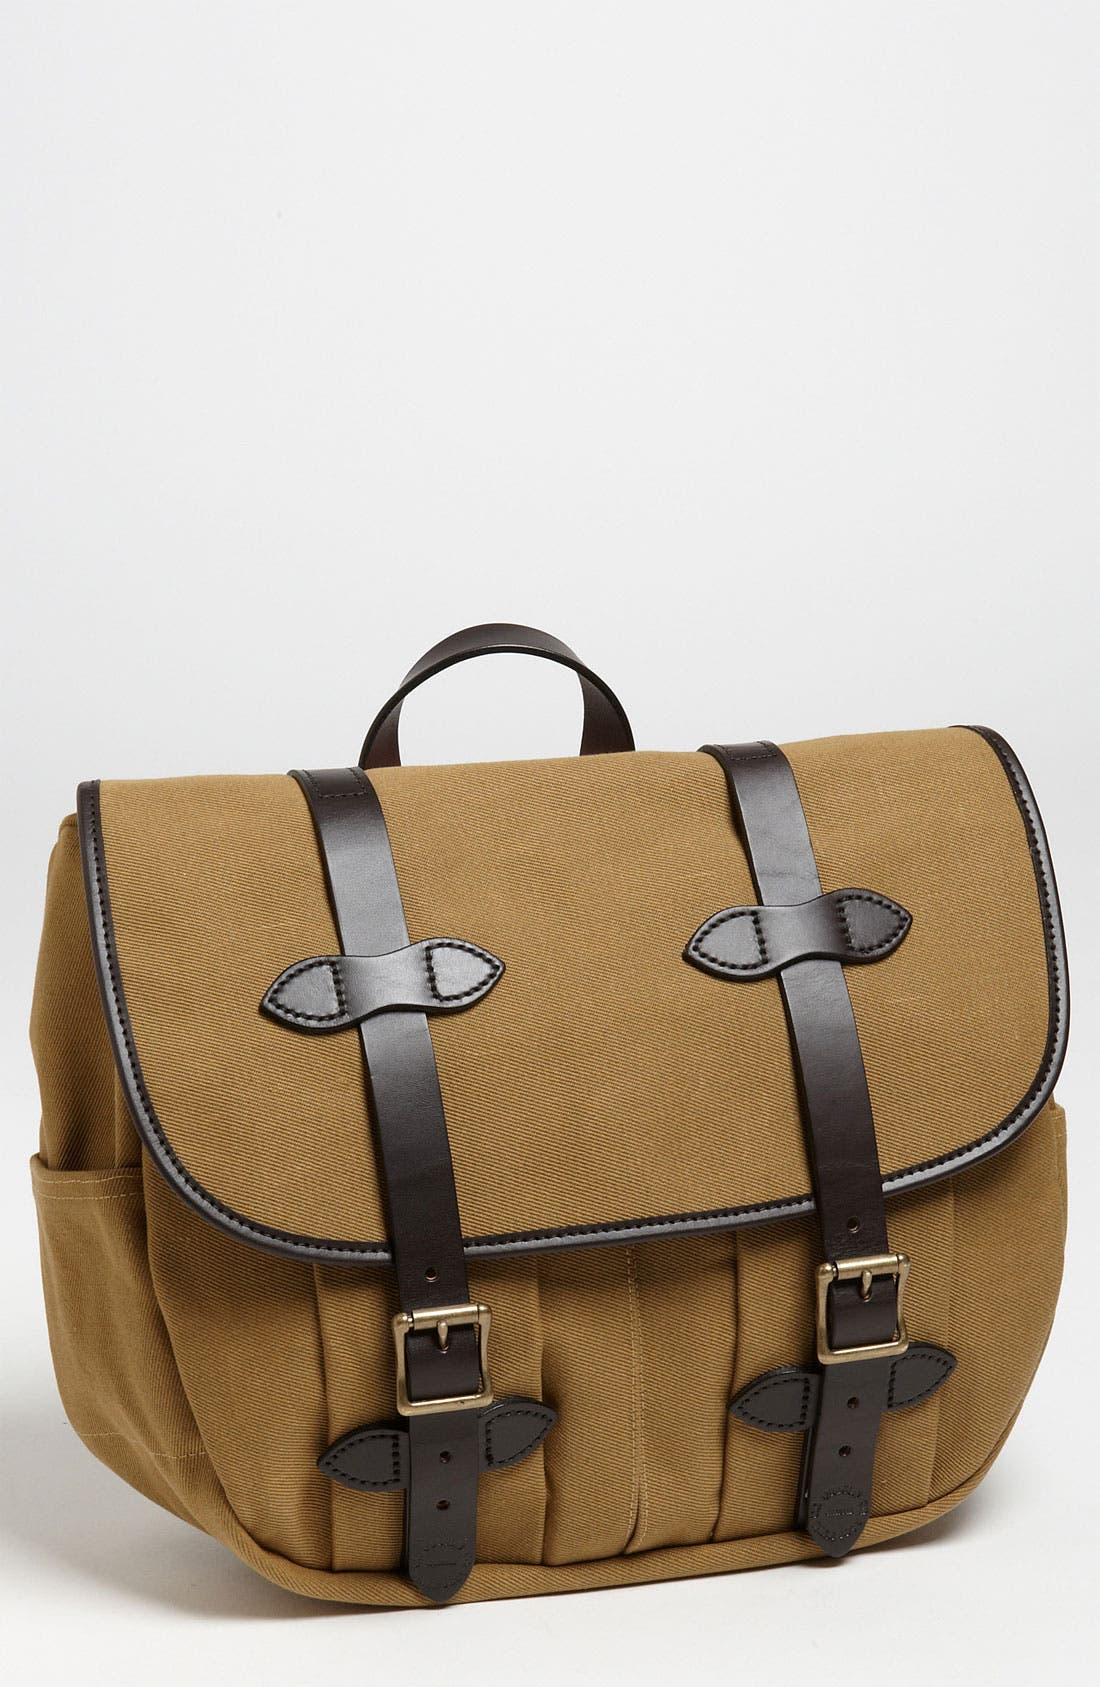 Main Image - Filson Medium Field Bag